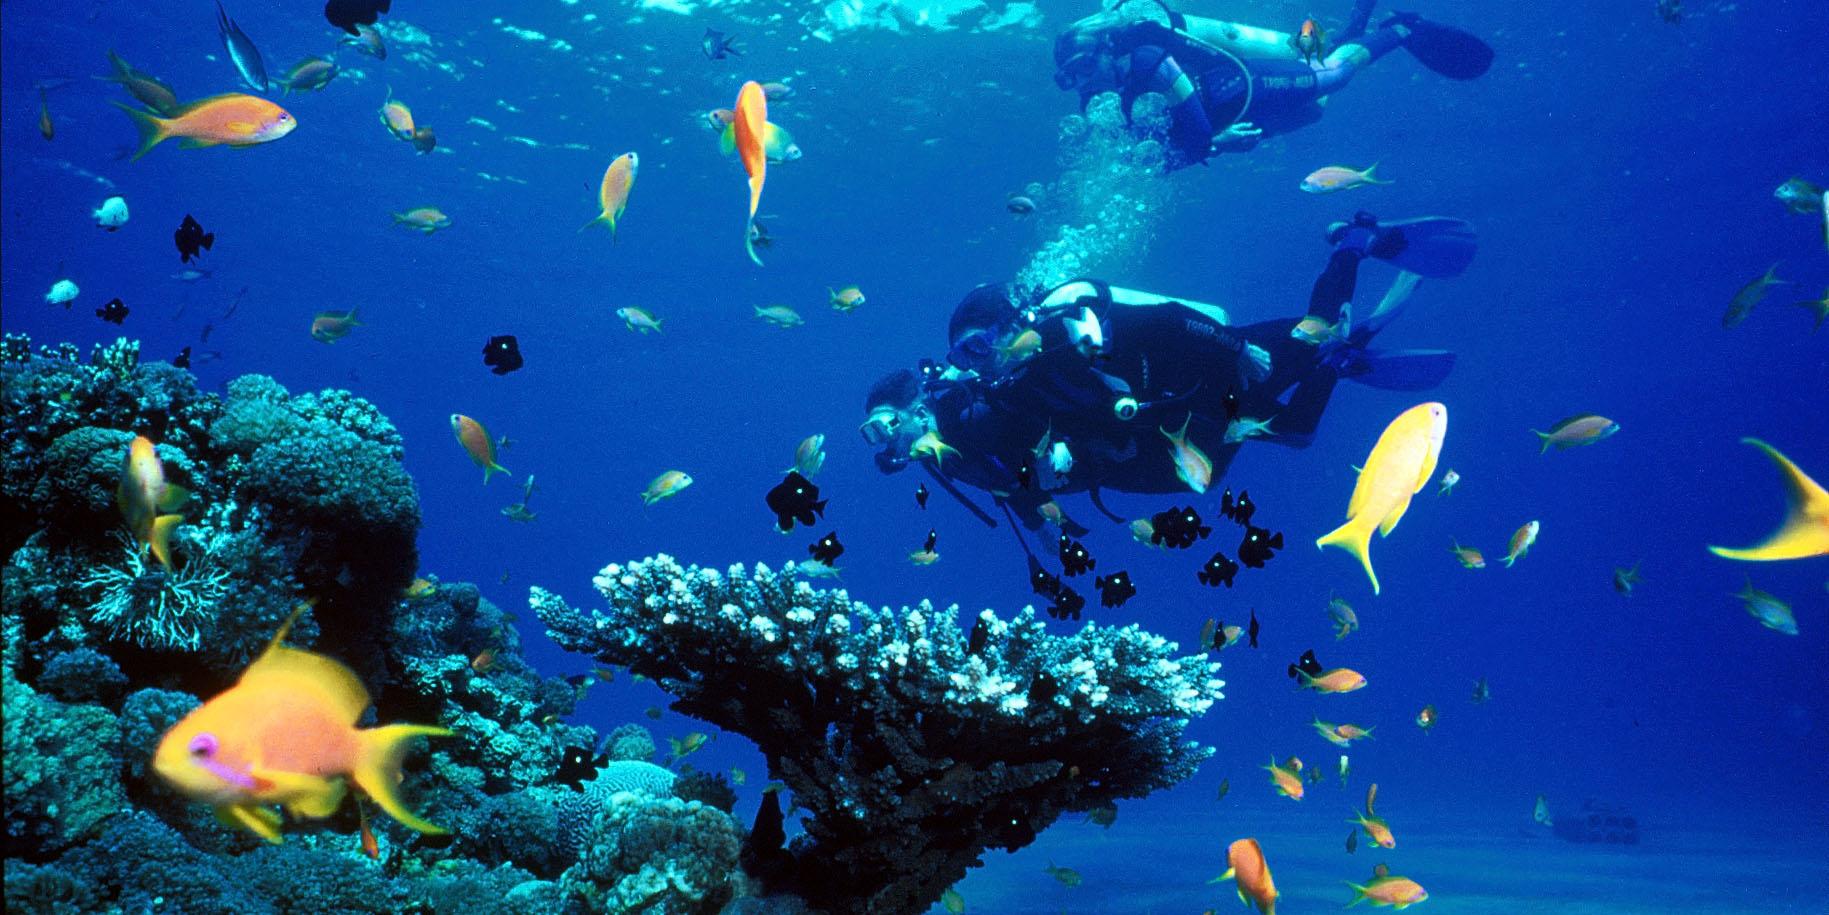 Mergulhar, uma experiência incrível! - Portal de Esporte e Saúde